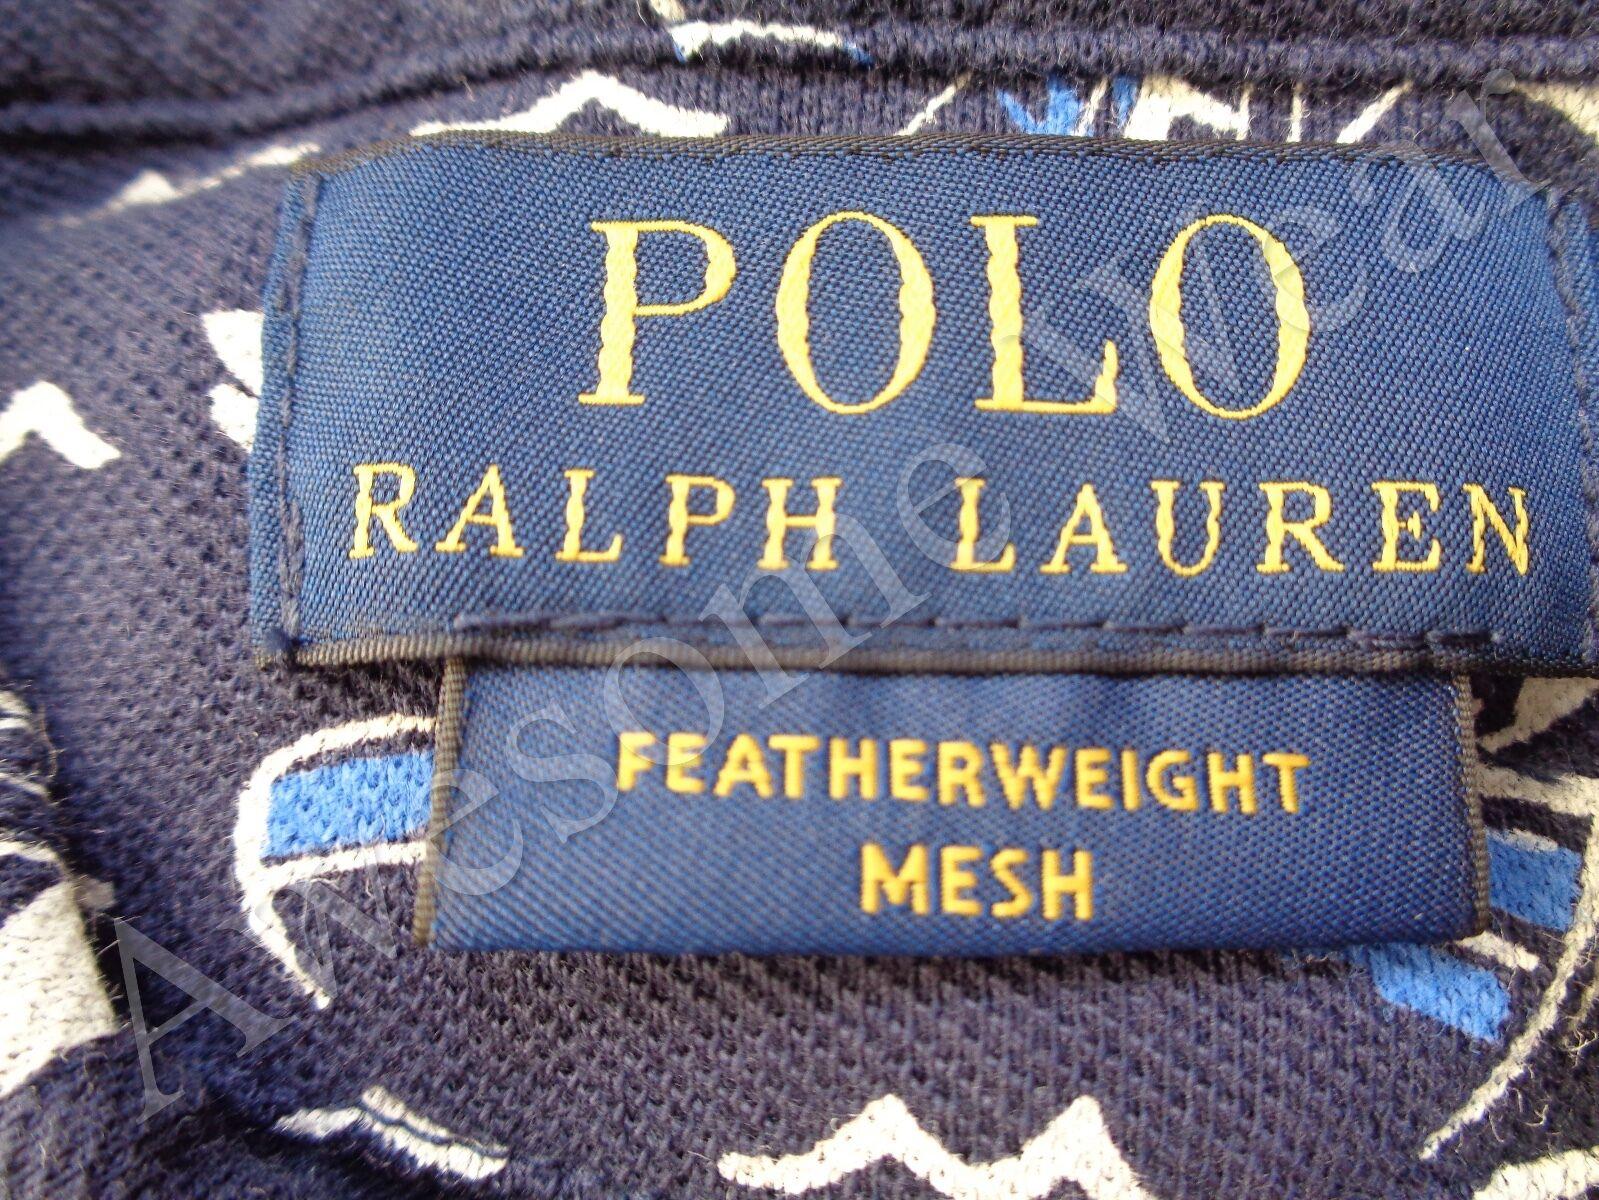 Polo Ralph Lauren 2 camicie 16 uomo tg. 35 16 camicie 1/2 corrisponde a tg. 42 / L perfette 370b62